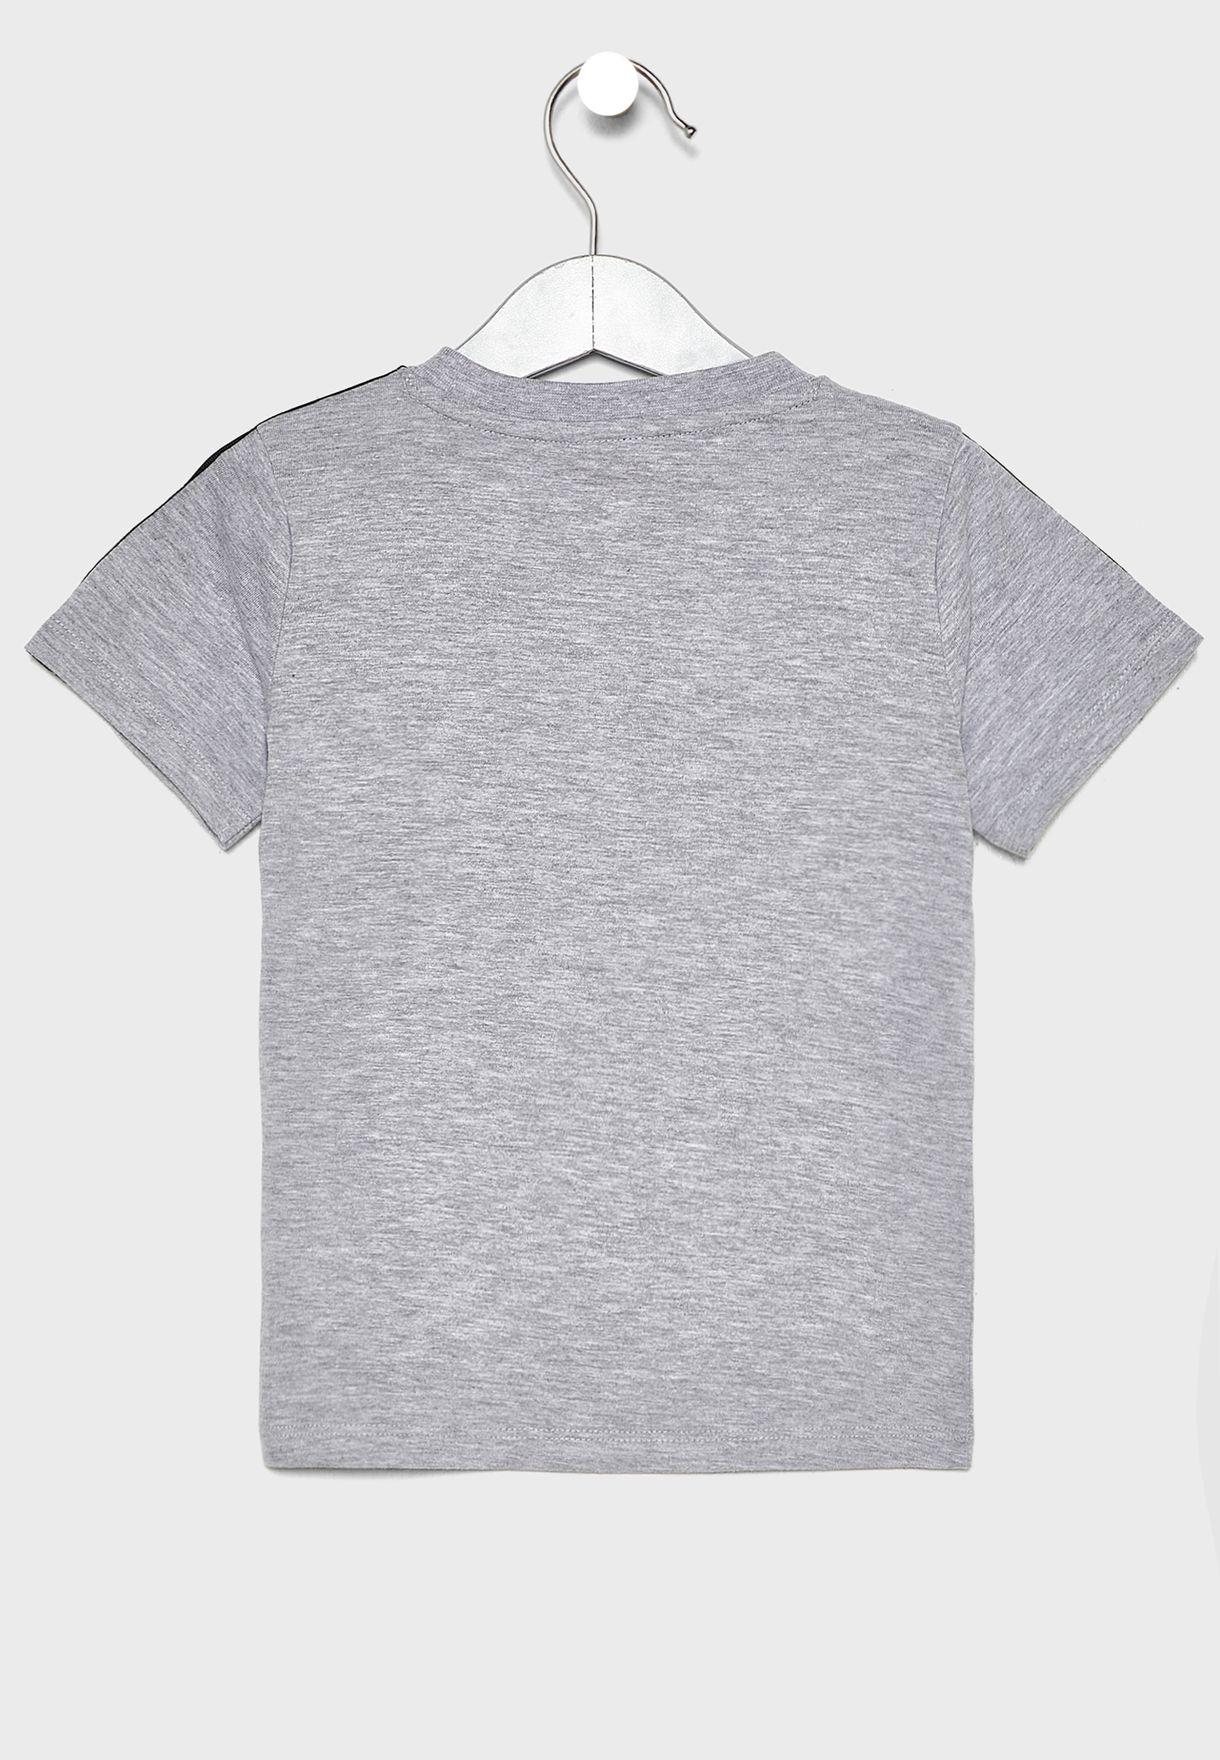 Little Avenger Graphic T-Shirt